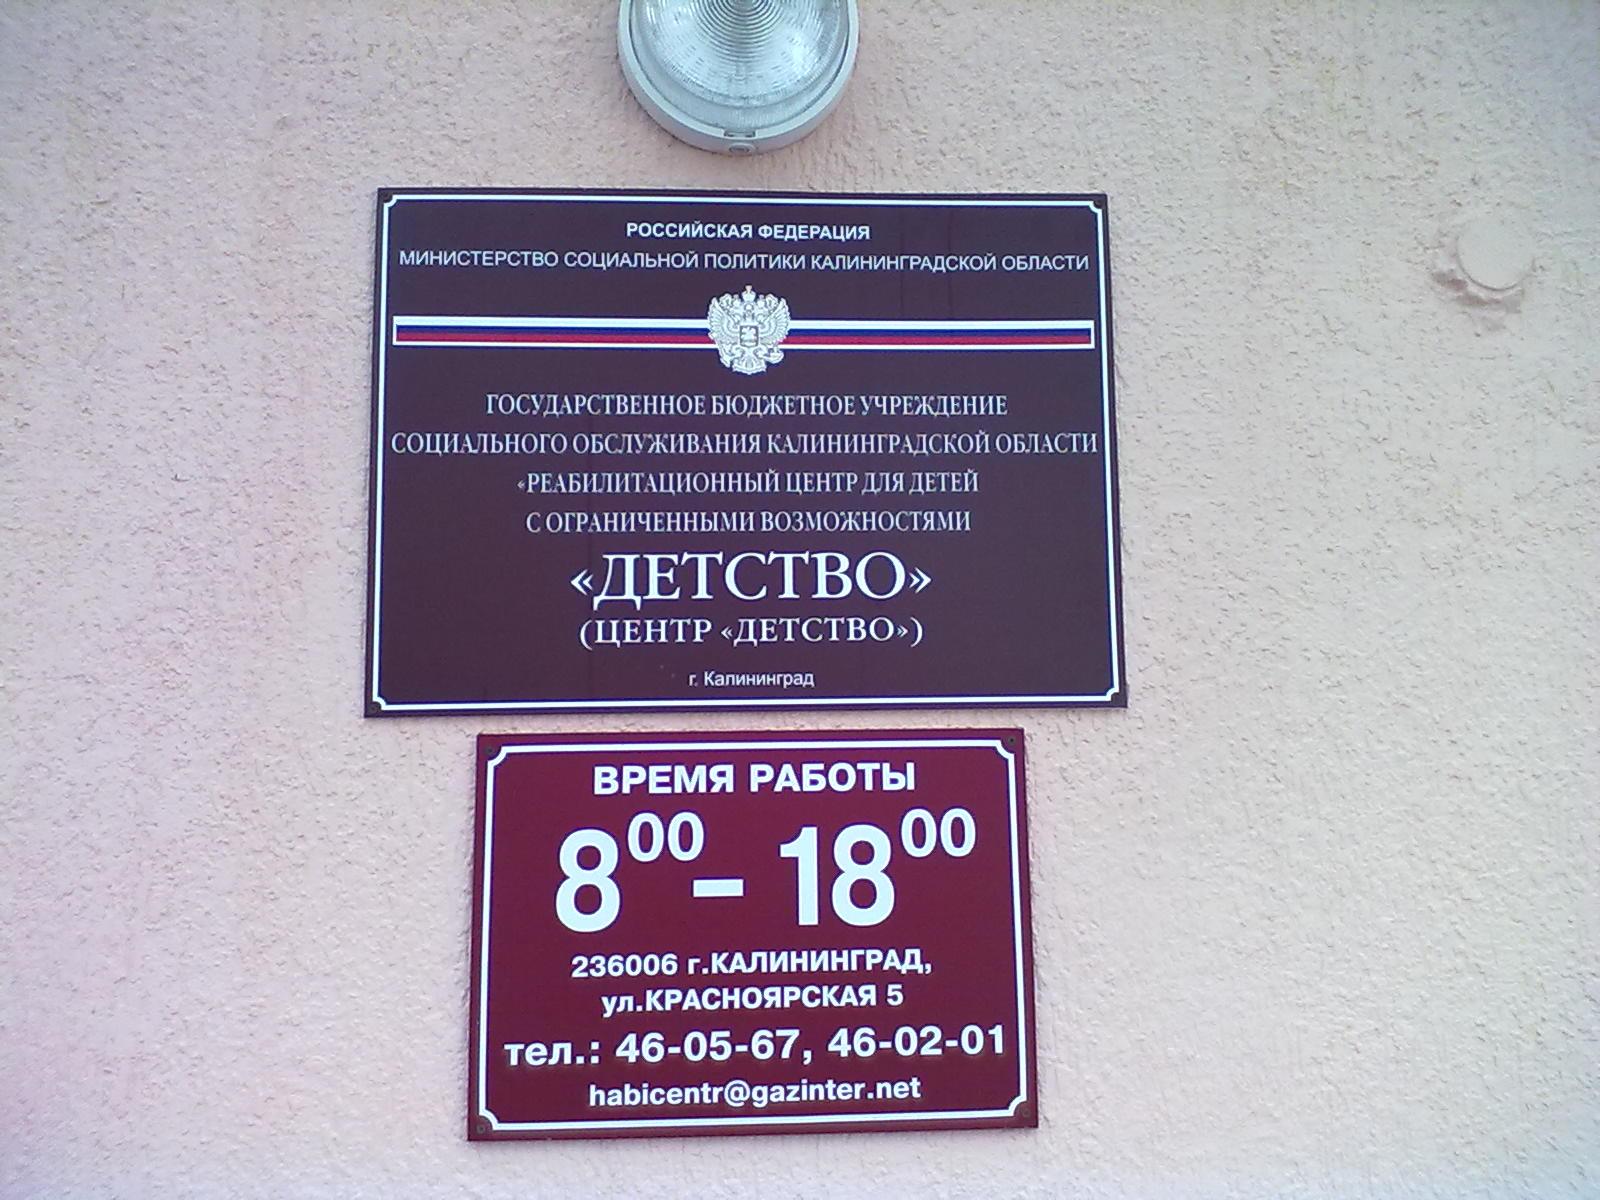 http://s1.uploads.ru/GnRiE.jpg